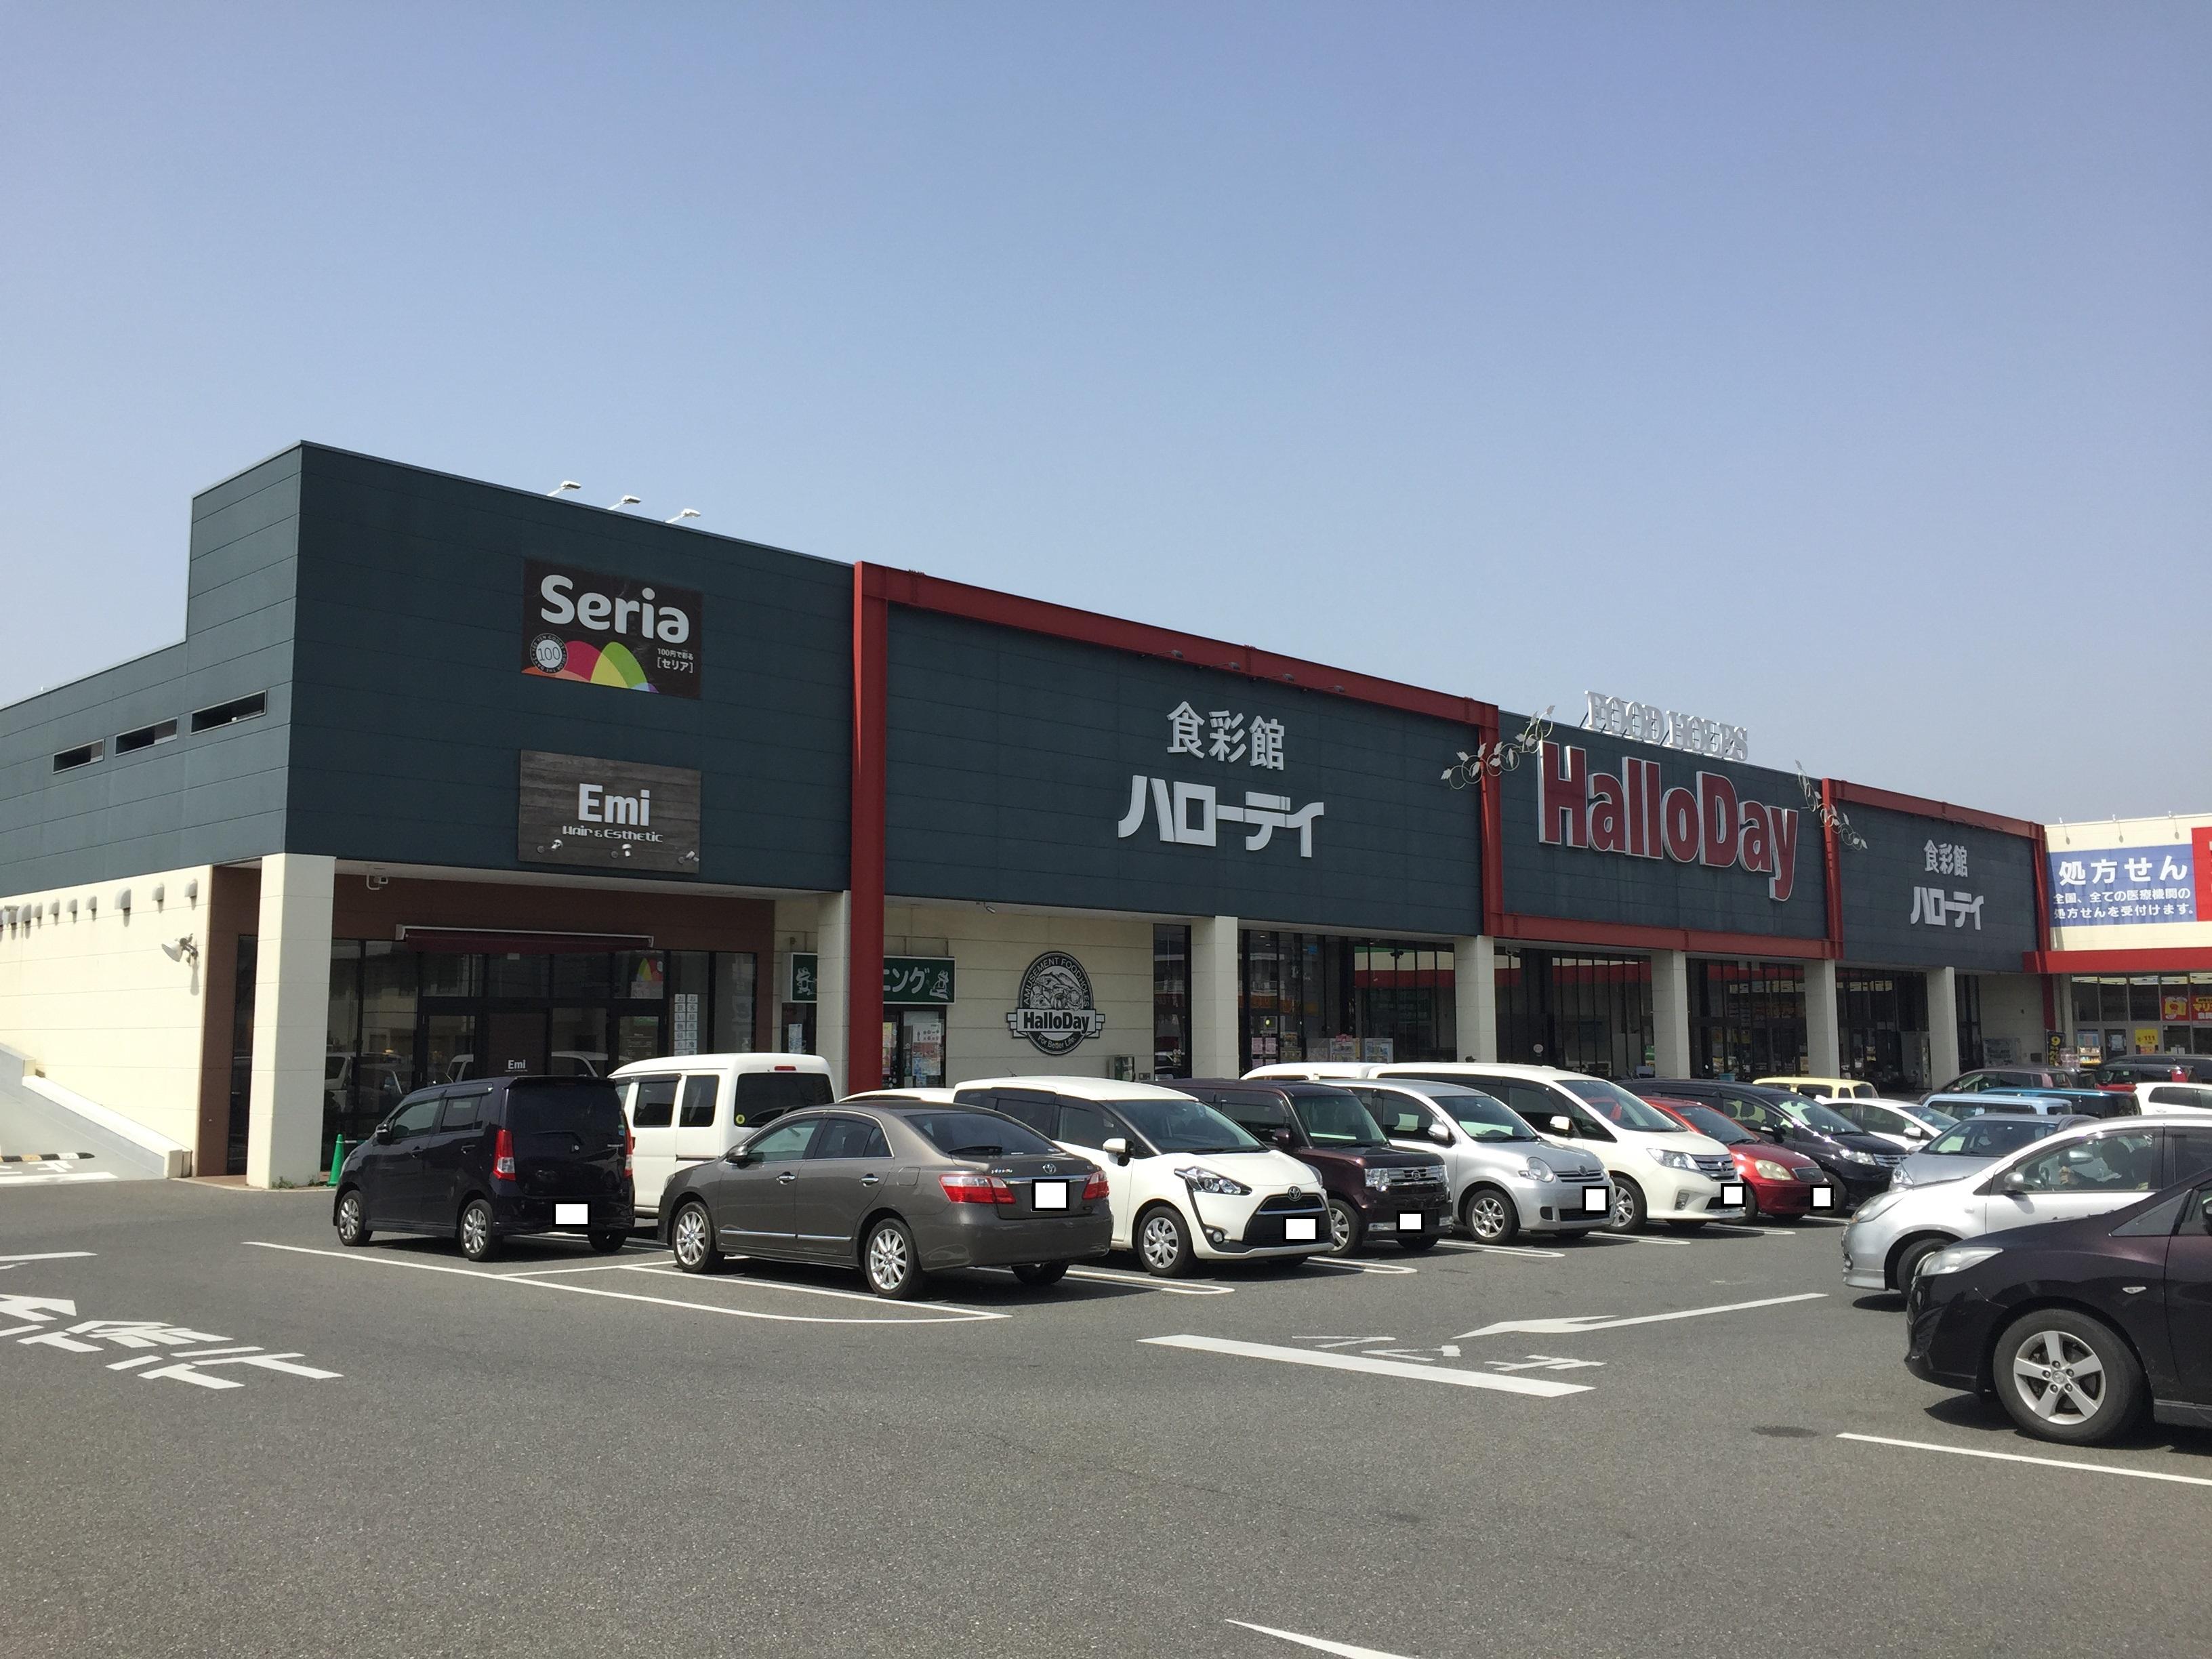 スーパー:HalloDay(ハローデイ) 綾羅木店 743m